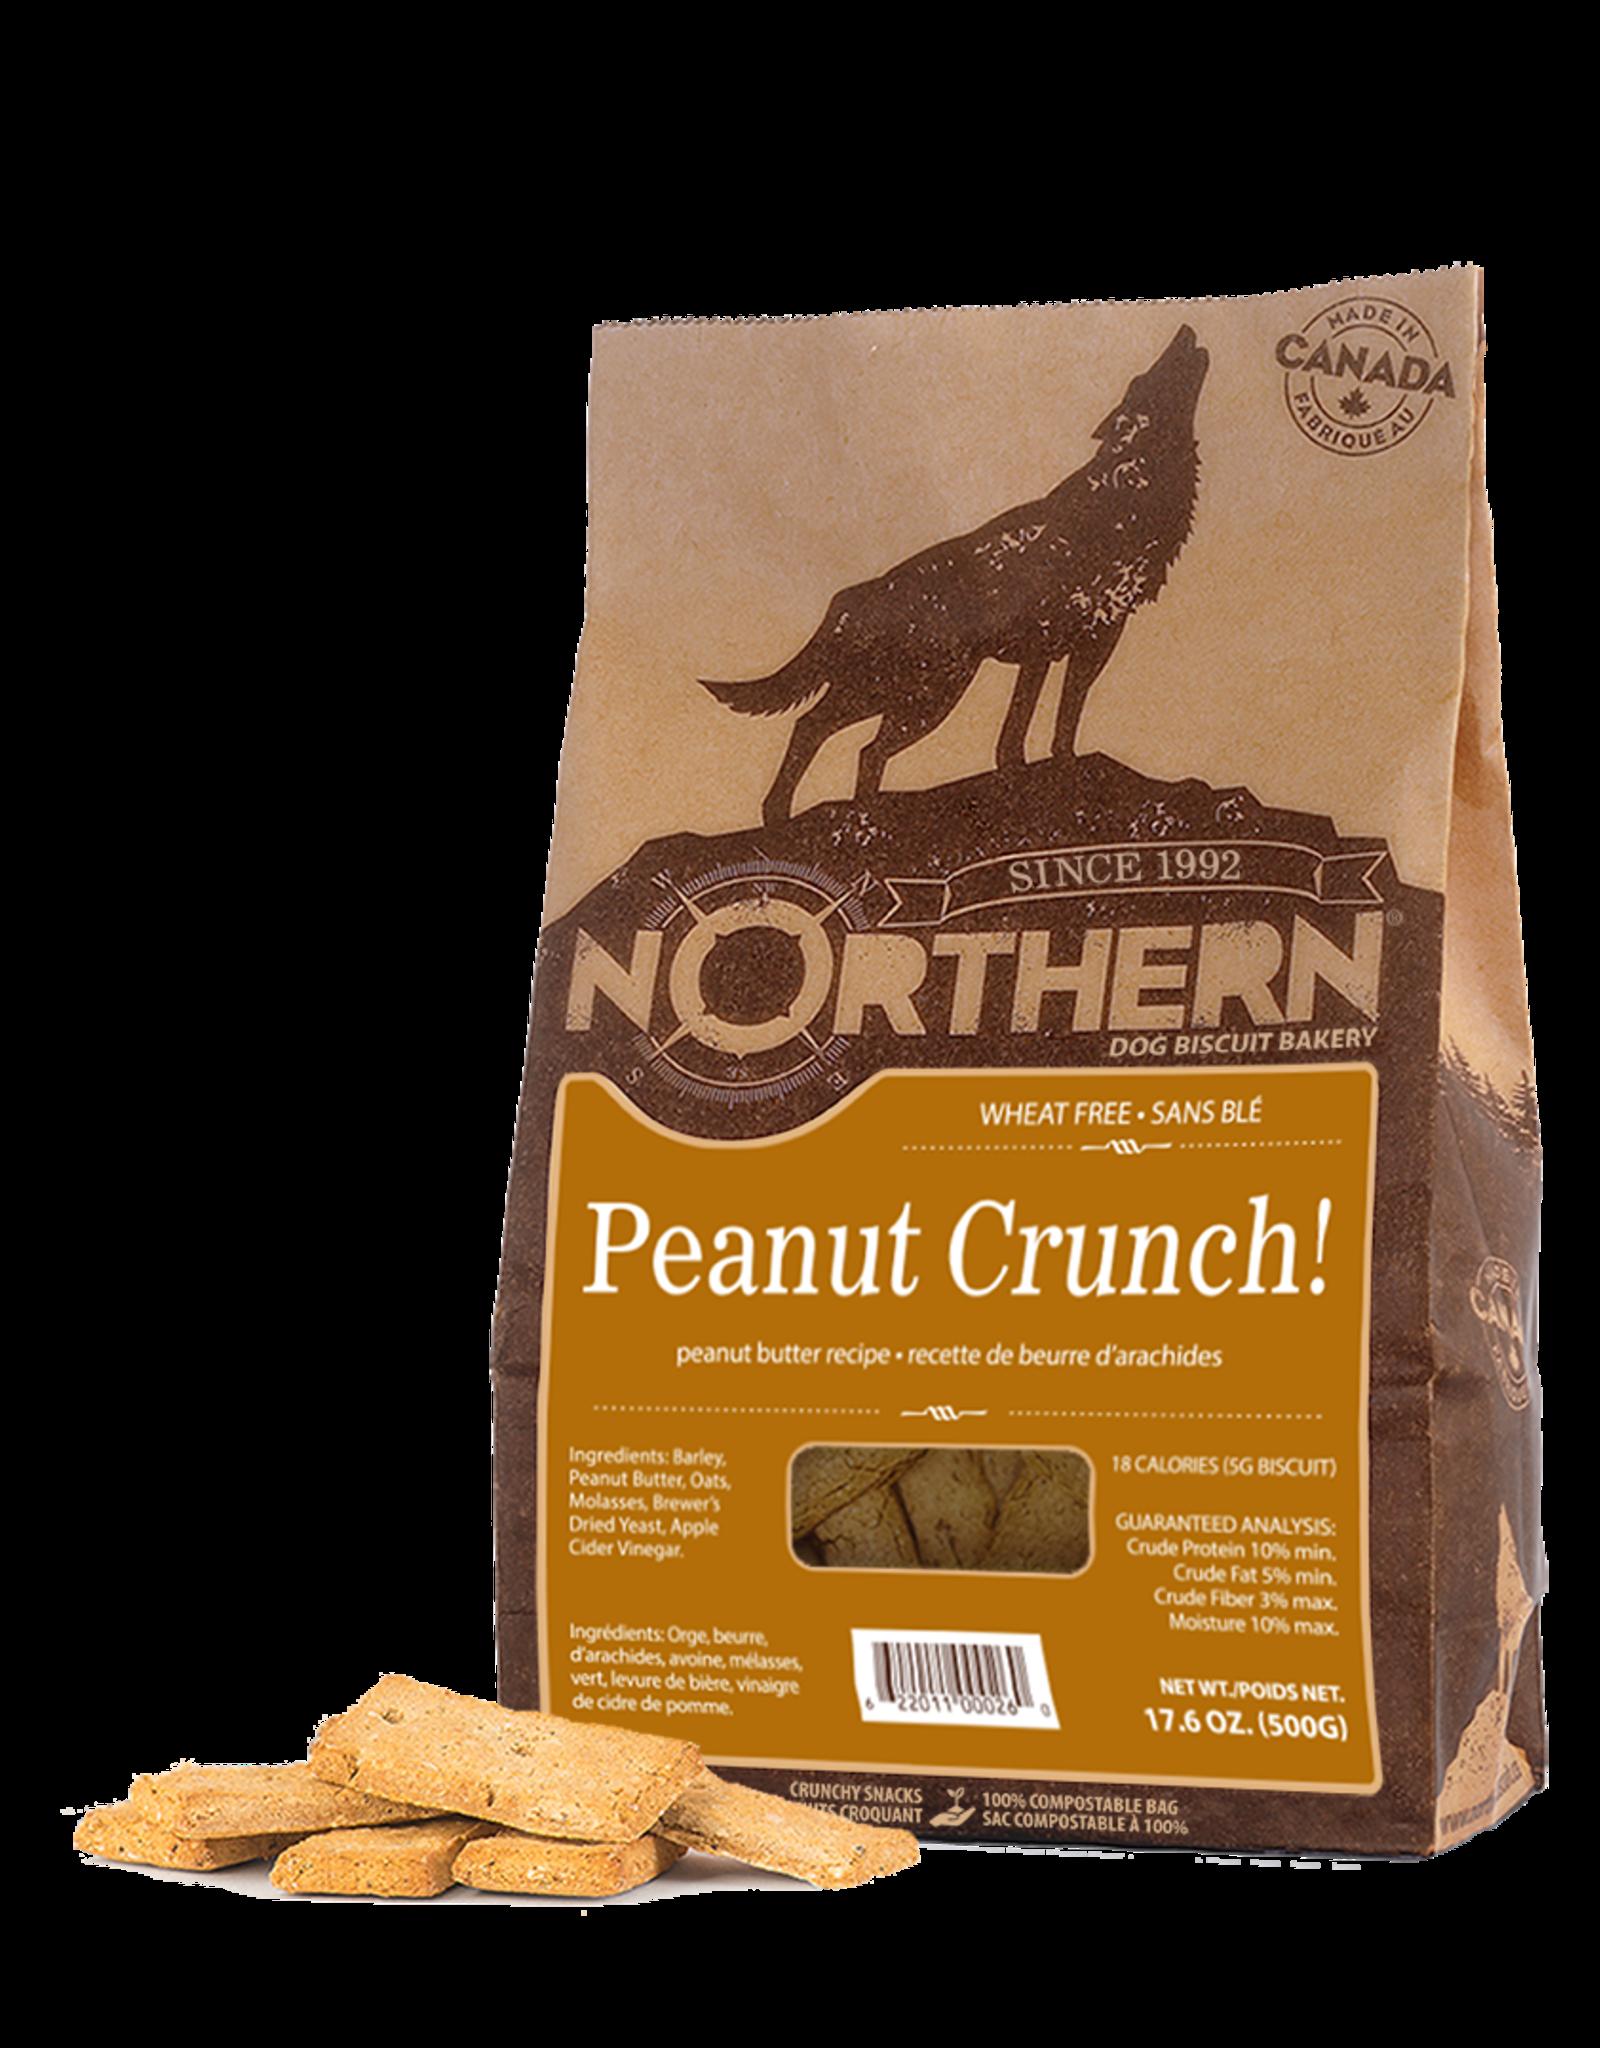 Northern Biscuits Northern Biscuit Peanut Crunch 500g